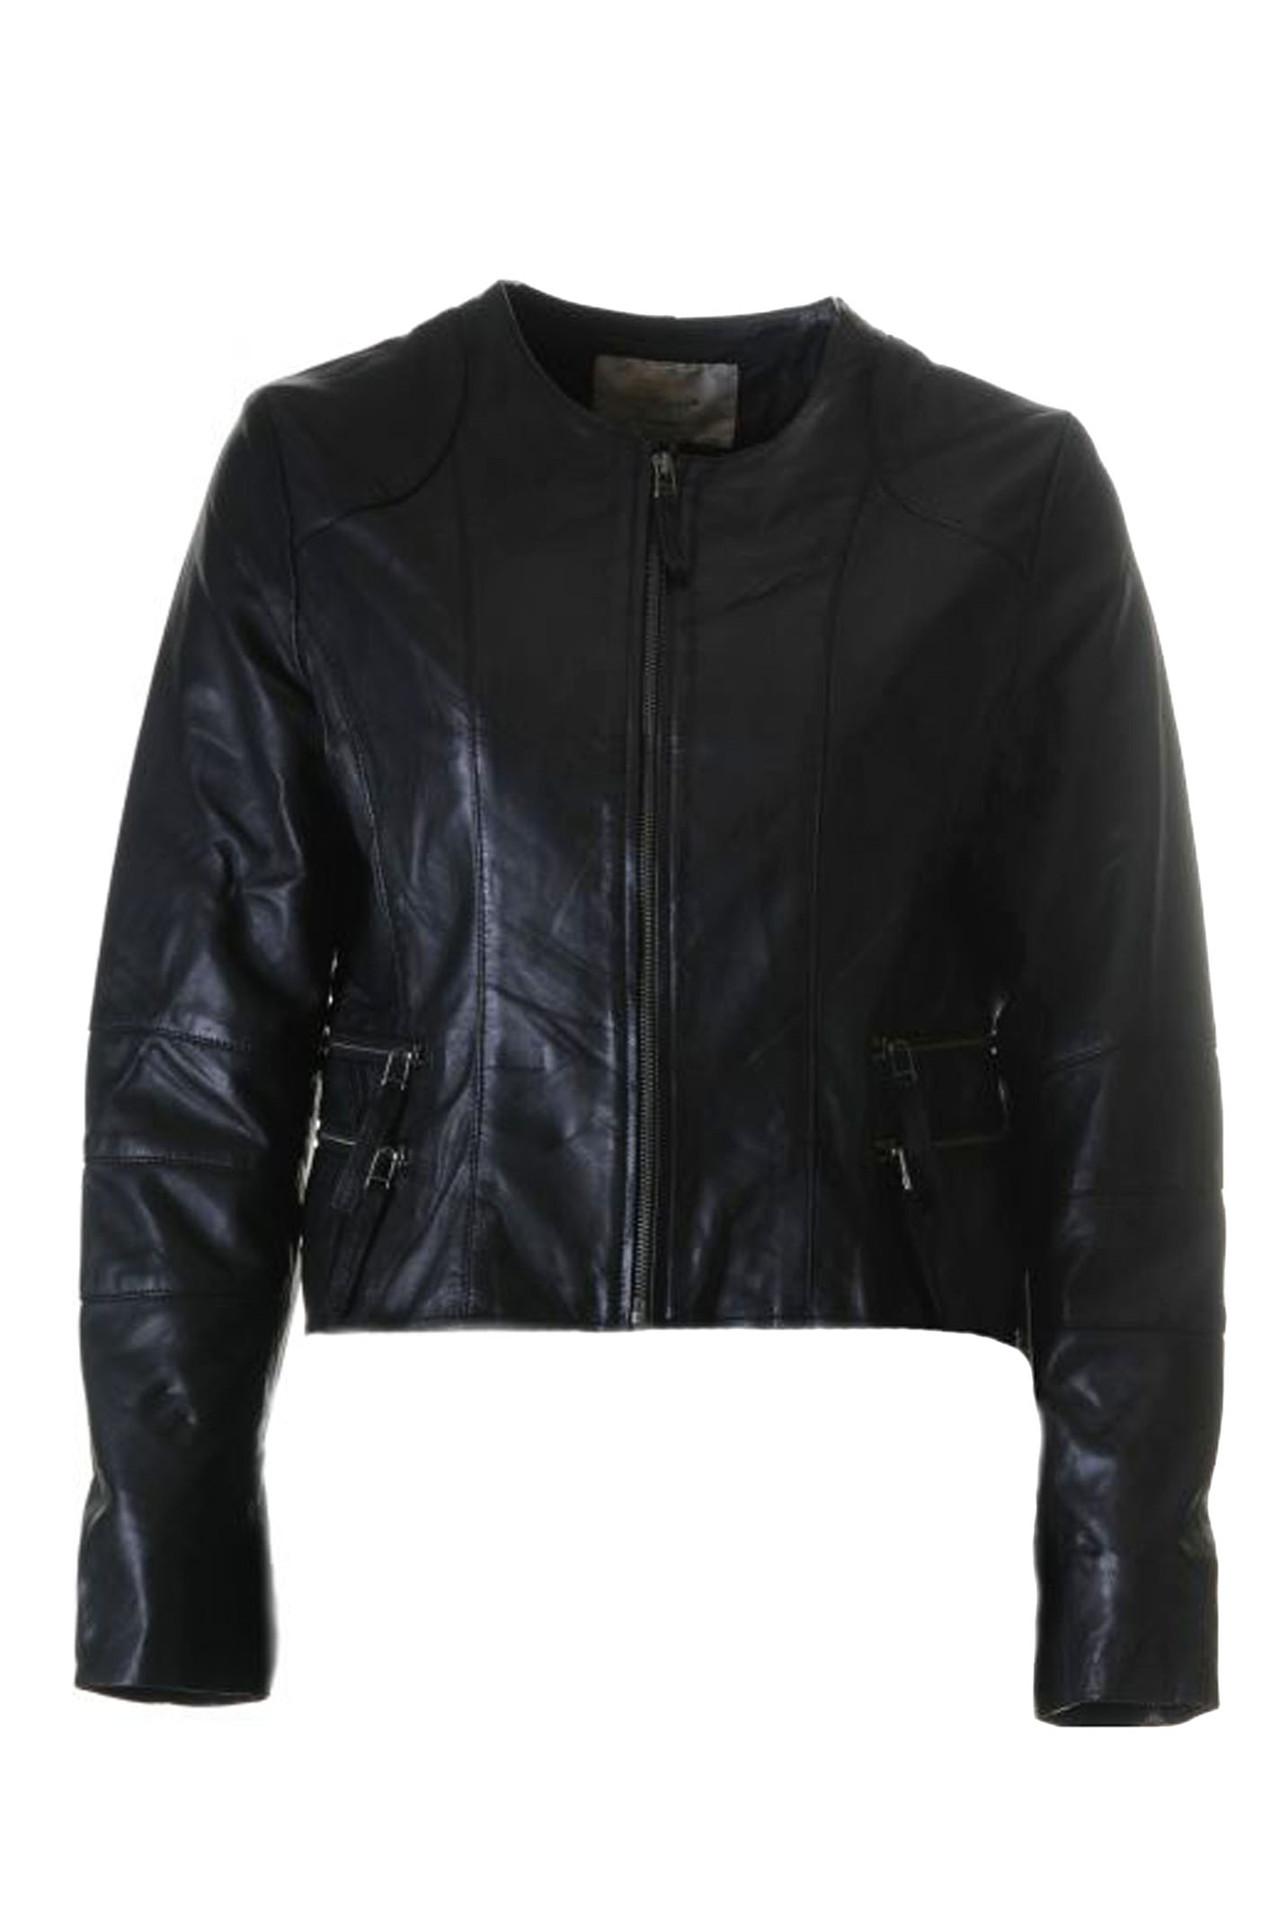 8daec277 Altid gode og nye tilbud på Tommy Hilfiger Overtøj hos ShopAlike, som du  kan sammenligne på tværs af butikker. Sorter i vores store udvalg ud fra  køn, ...